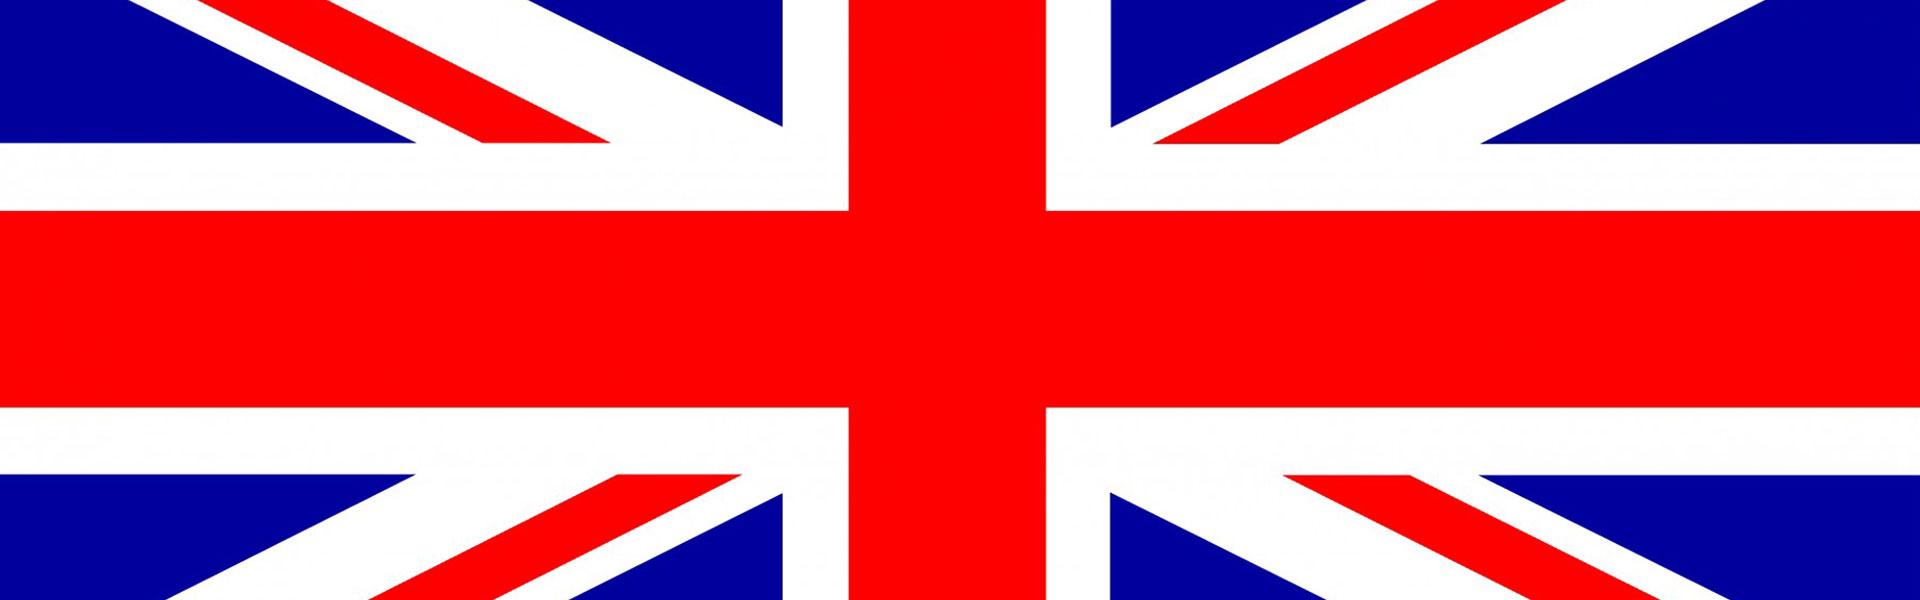 Μάθε Αγγλικά στο ΚΕΝΤΡΟ ΞΕΝΩΝ ΓΛΩΣΣΩΝ HOUSE OF ENGLISH στη Χίο